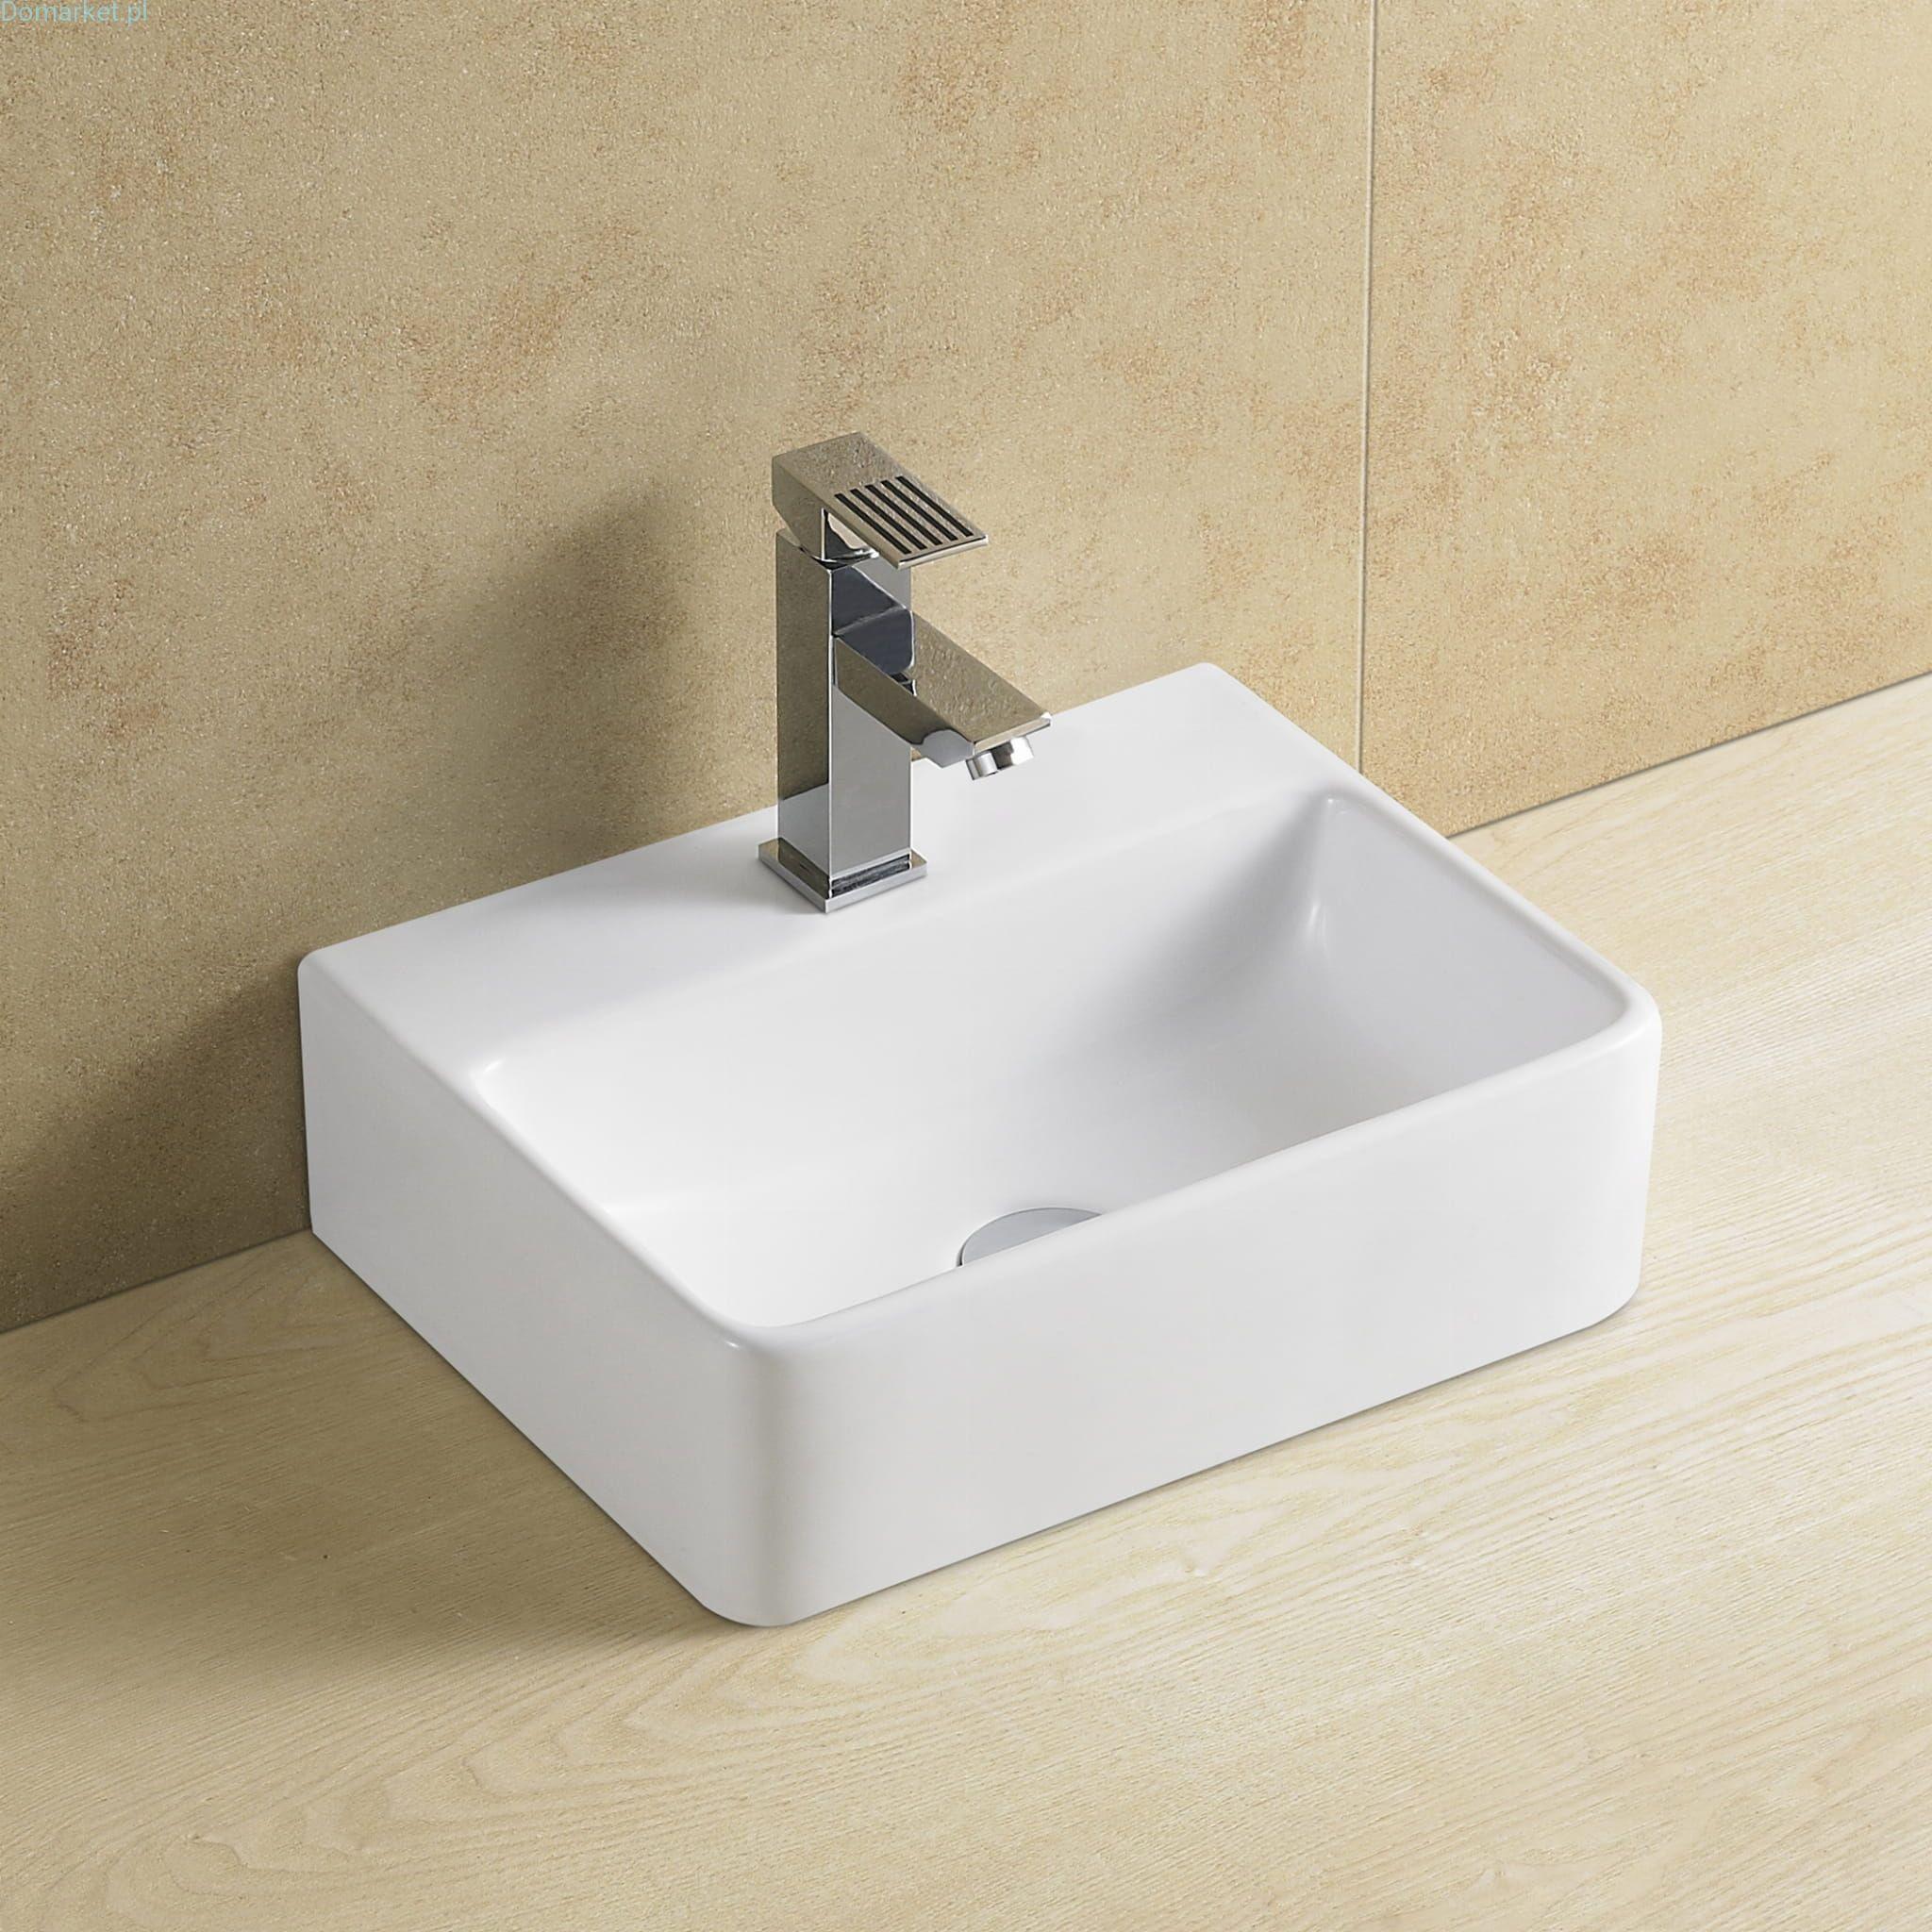 C911 Biała Umywalka Ceramiczna 60cm